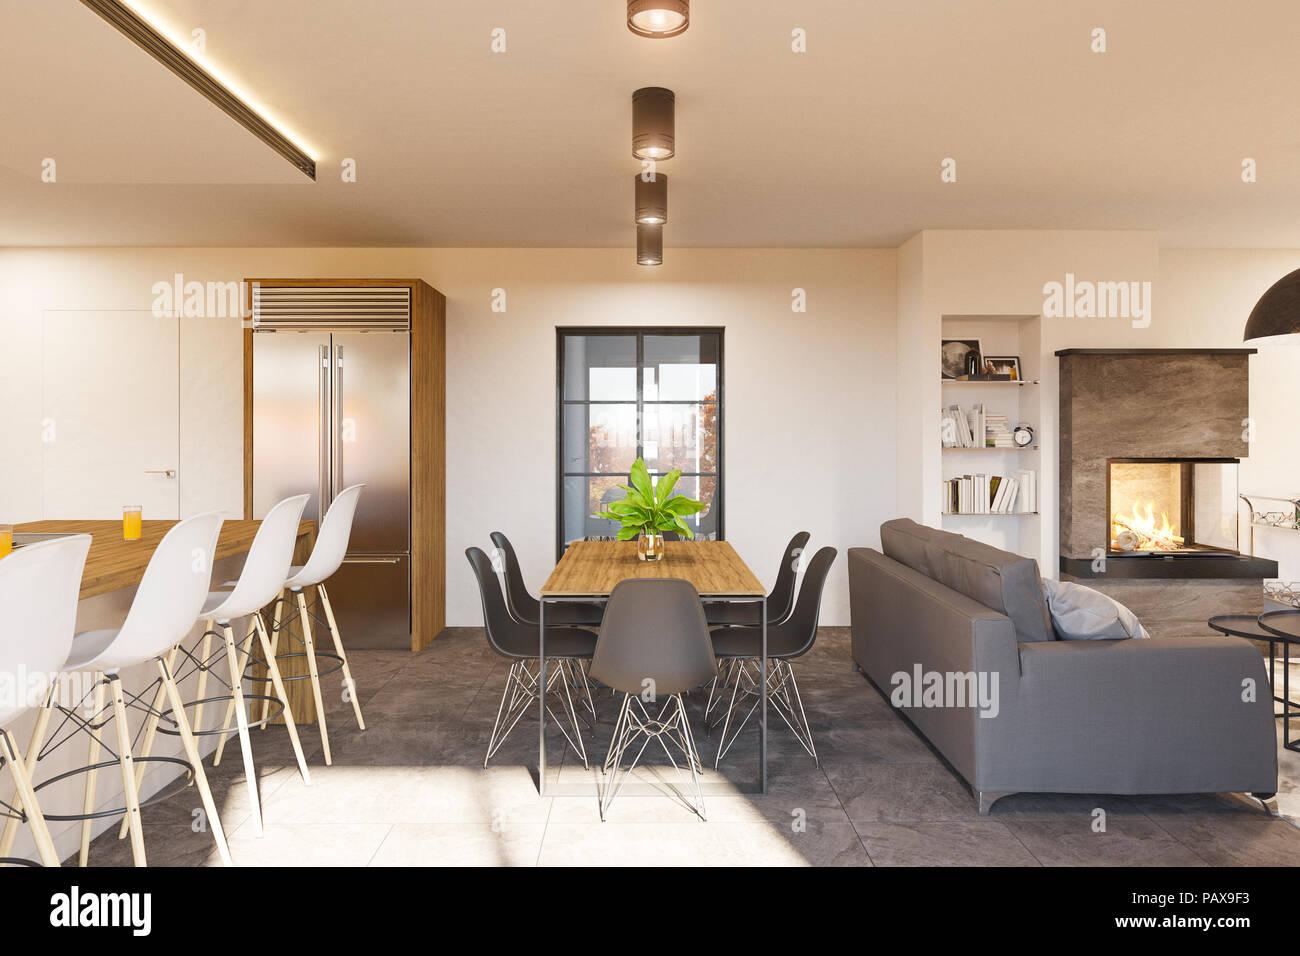 Mobile soggiorno olbia nero lucido con biocamino a due ante. 3d Render Soggiorno Moderno E Cucina Arredamento Con Camino Foto Stock Alamy